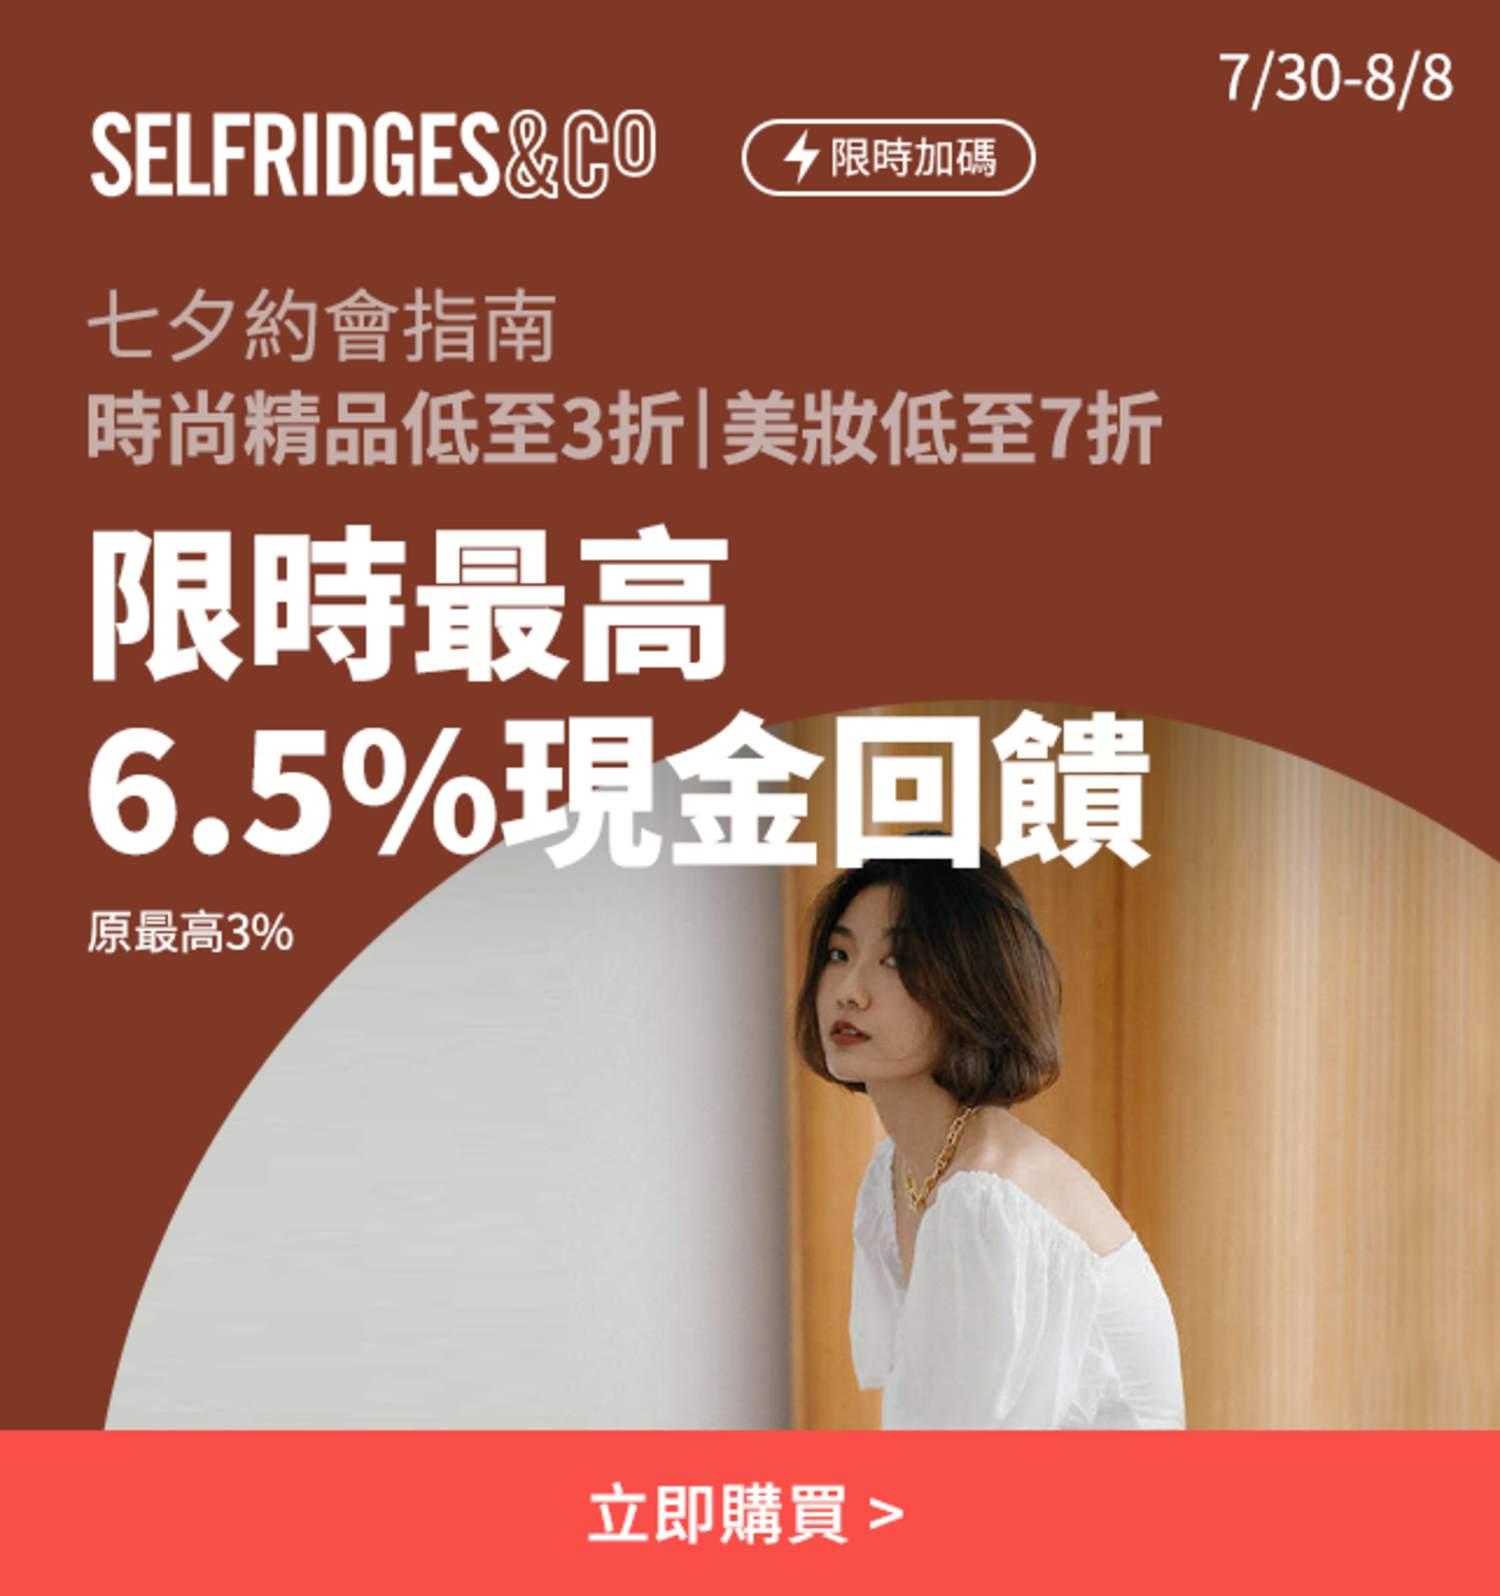 Selfridges & Co. 7/30-8/6